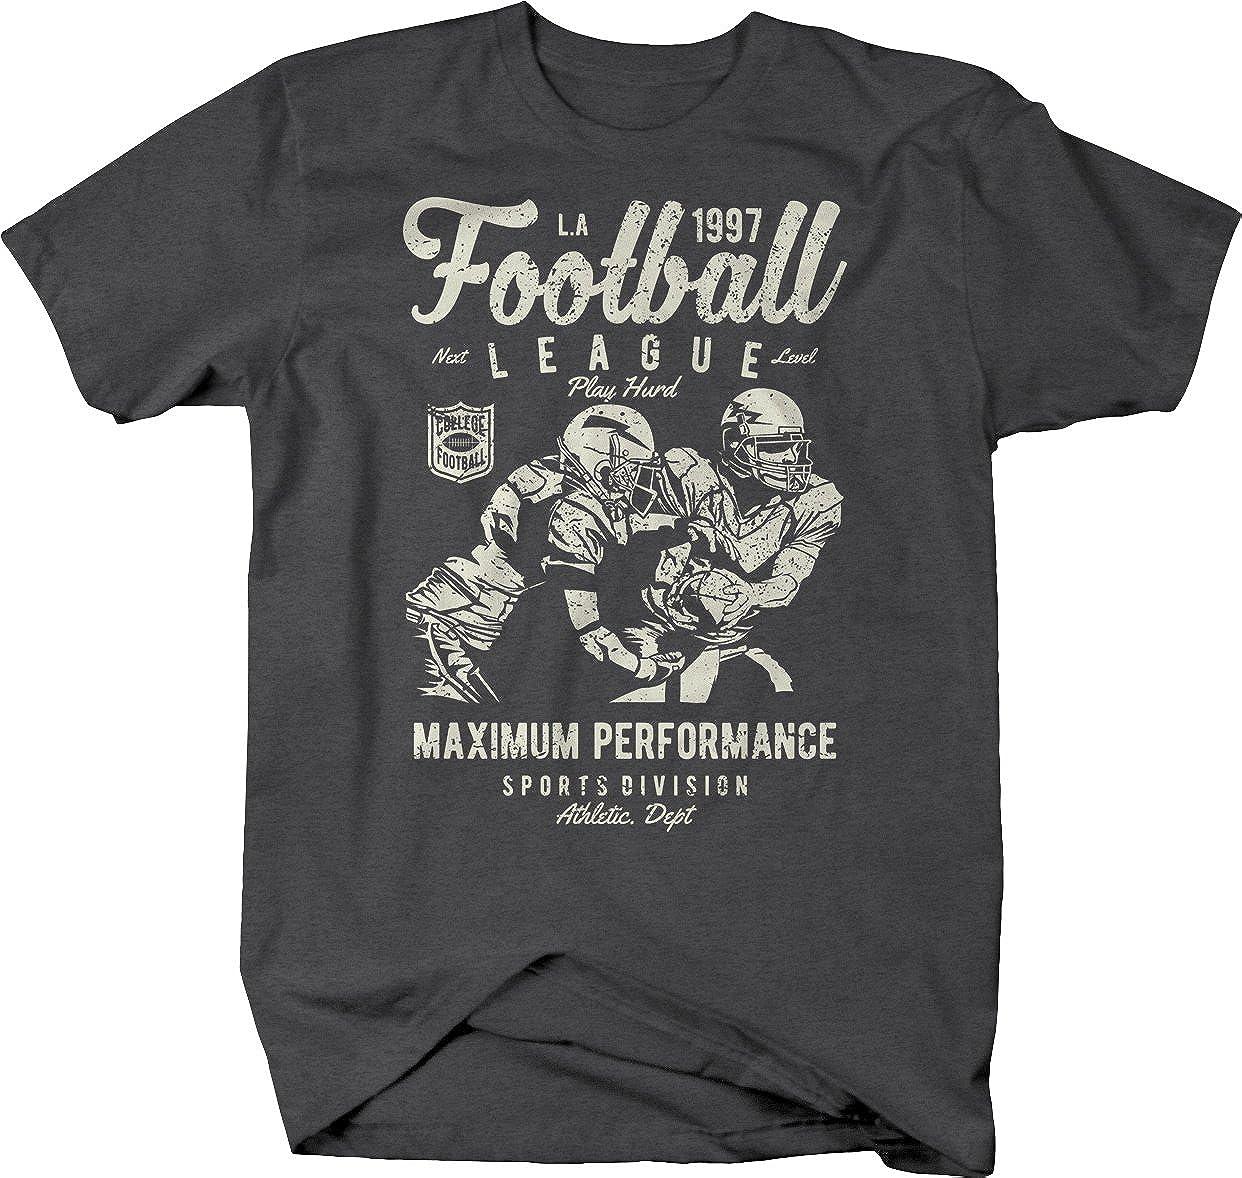 Amazon.com  M22 Football League Performance Vintage Retro College Tshirt   Clothing 0649eef02